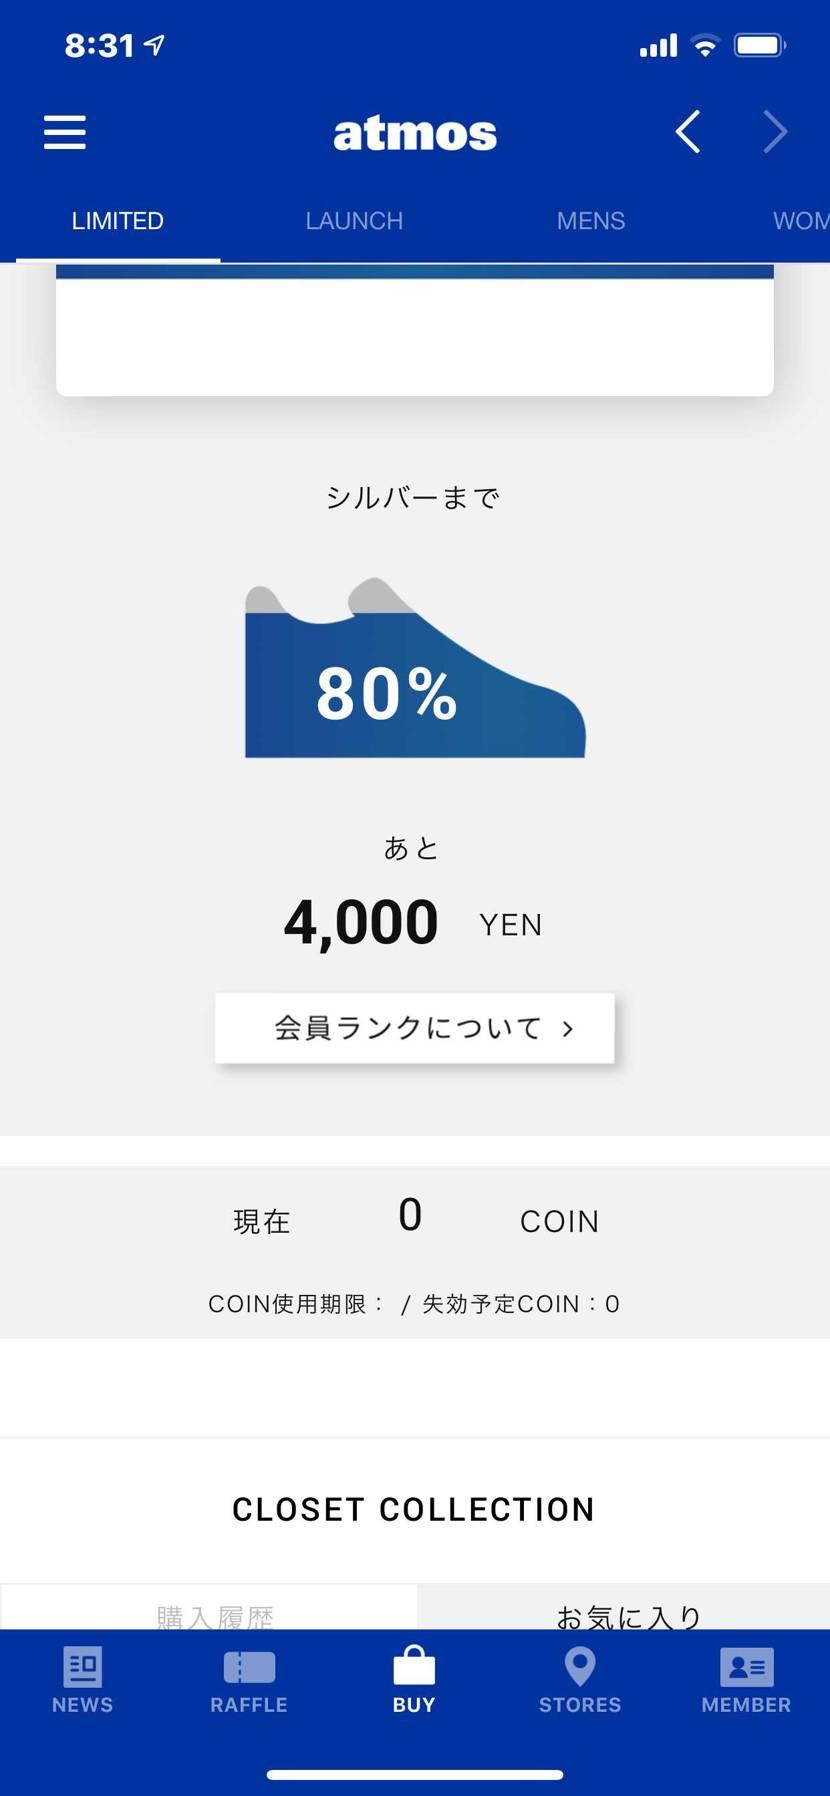 購入履歴消えてますが 16000円のランクアップが(^^)  ダックちゃん